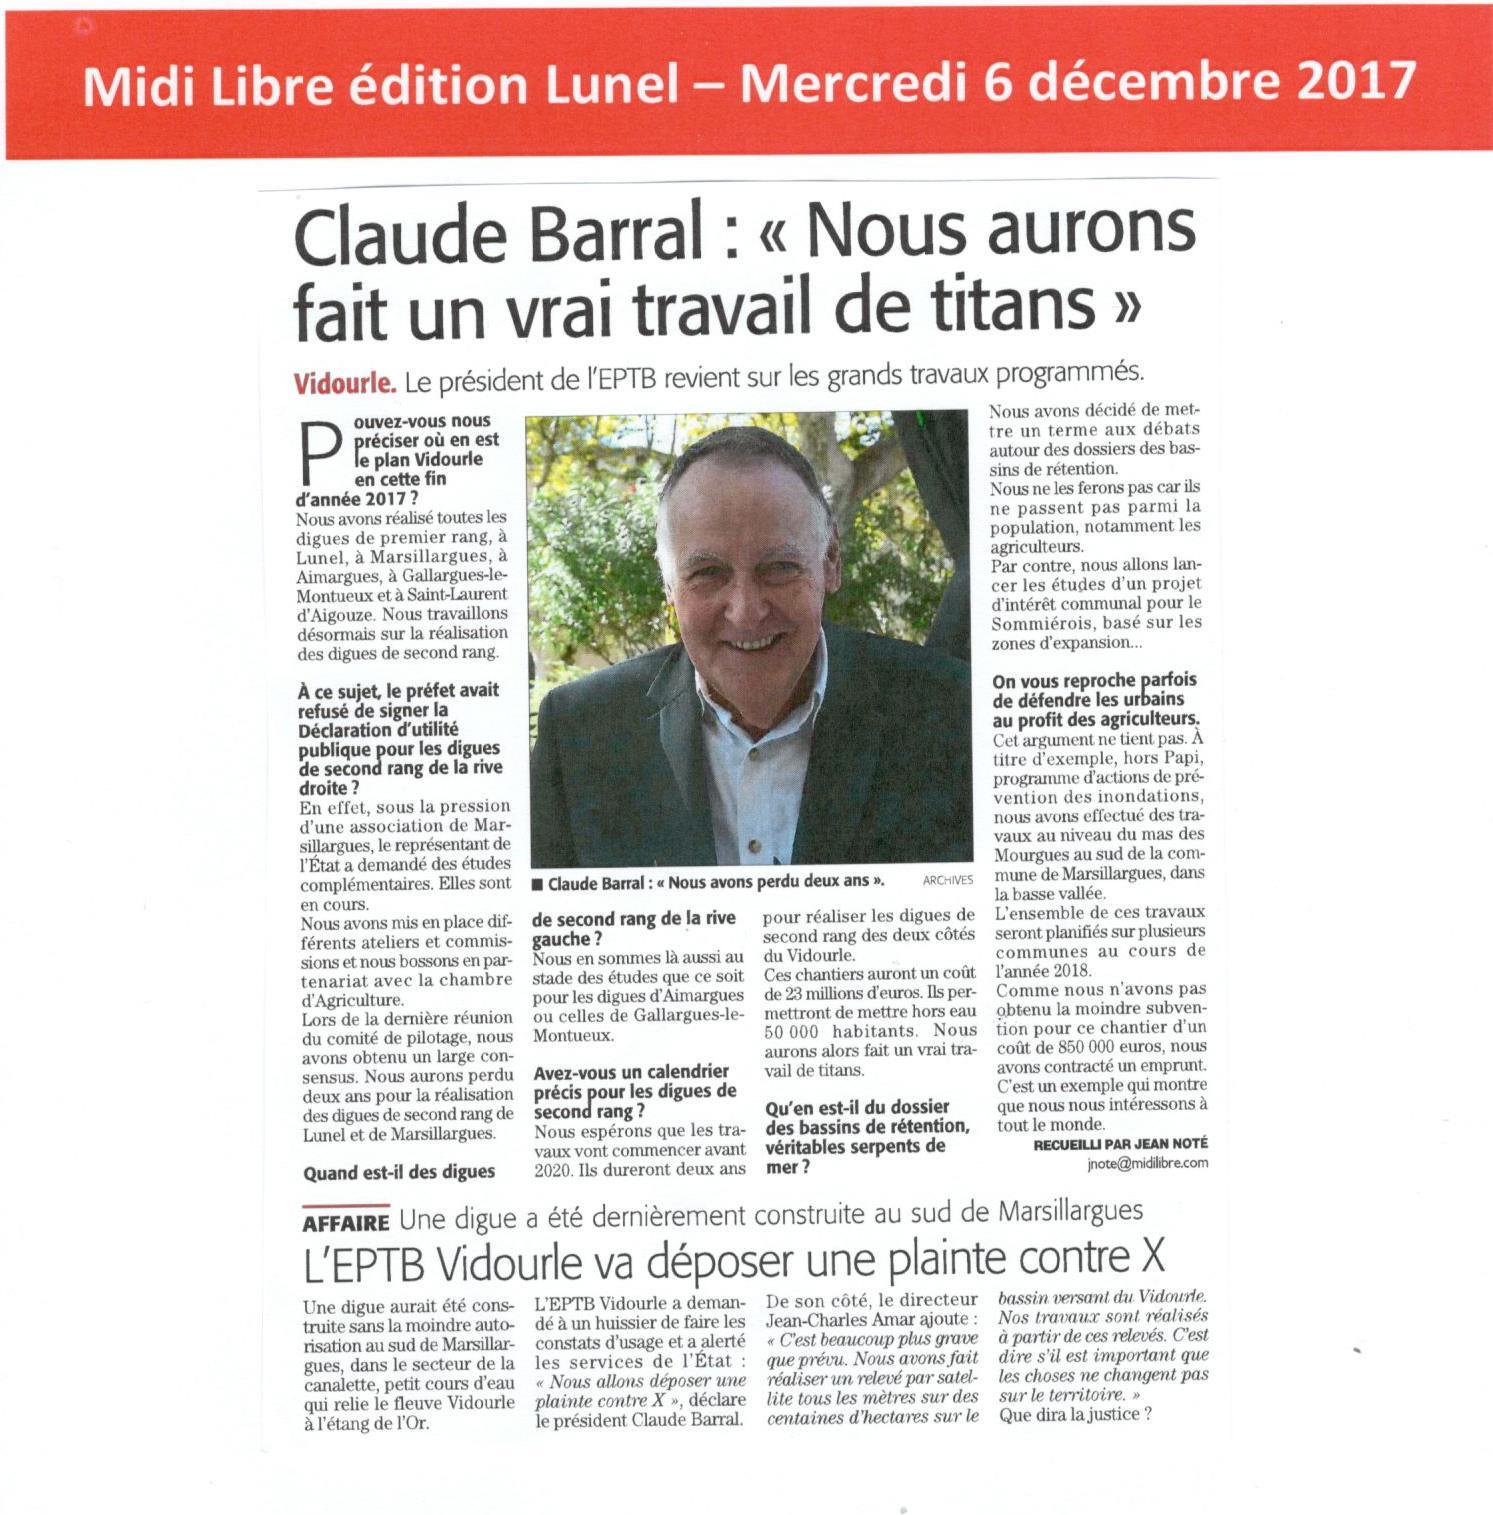 Le Président de l'EPTB Vidourle revient sur les grands travaux programmés